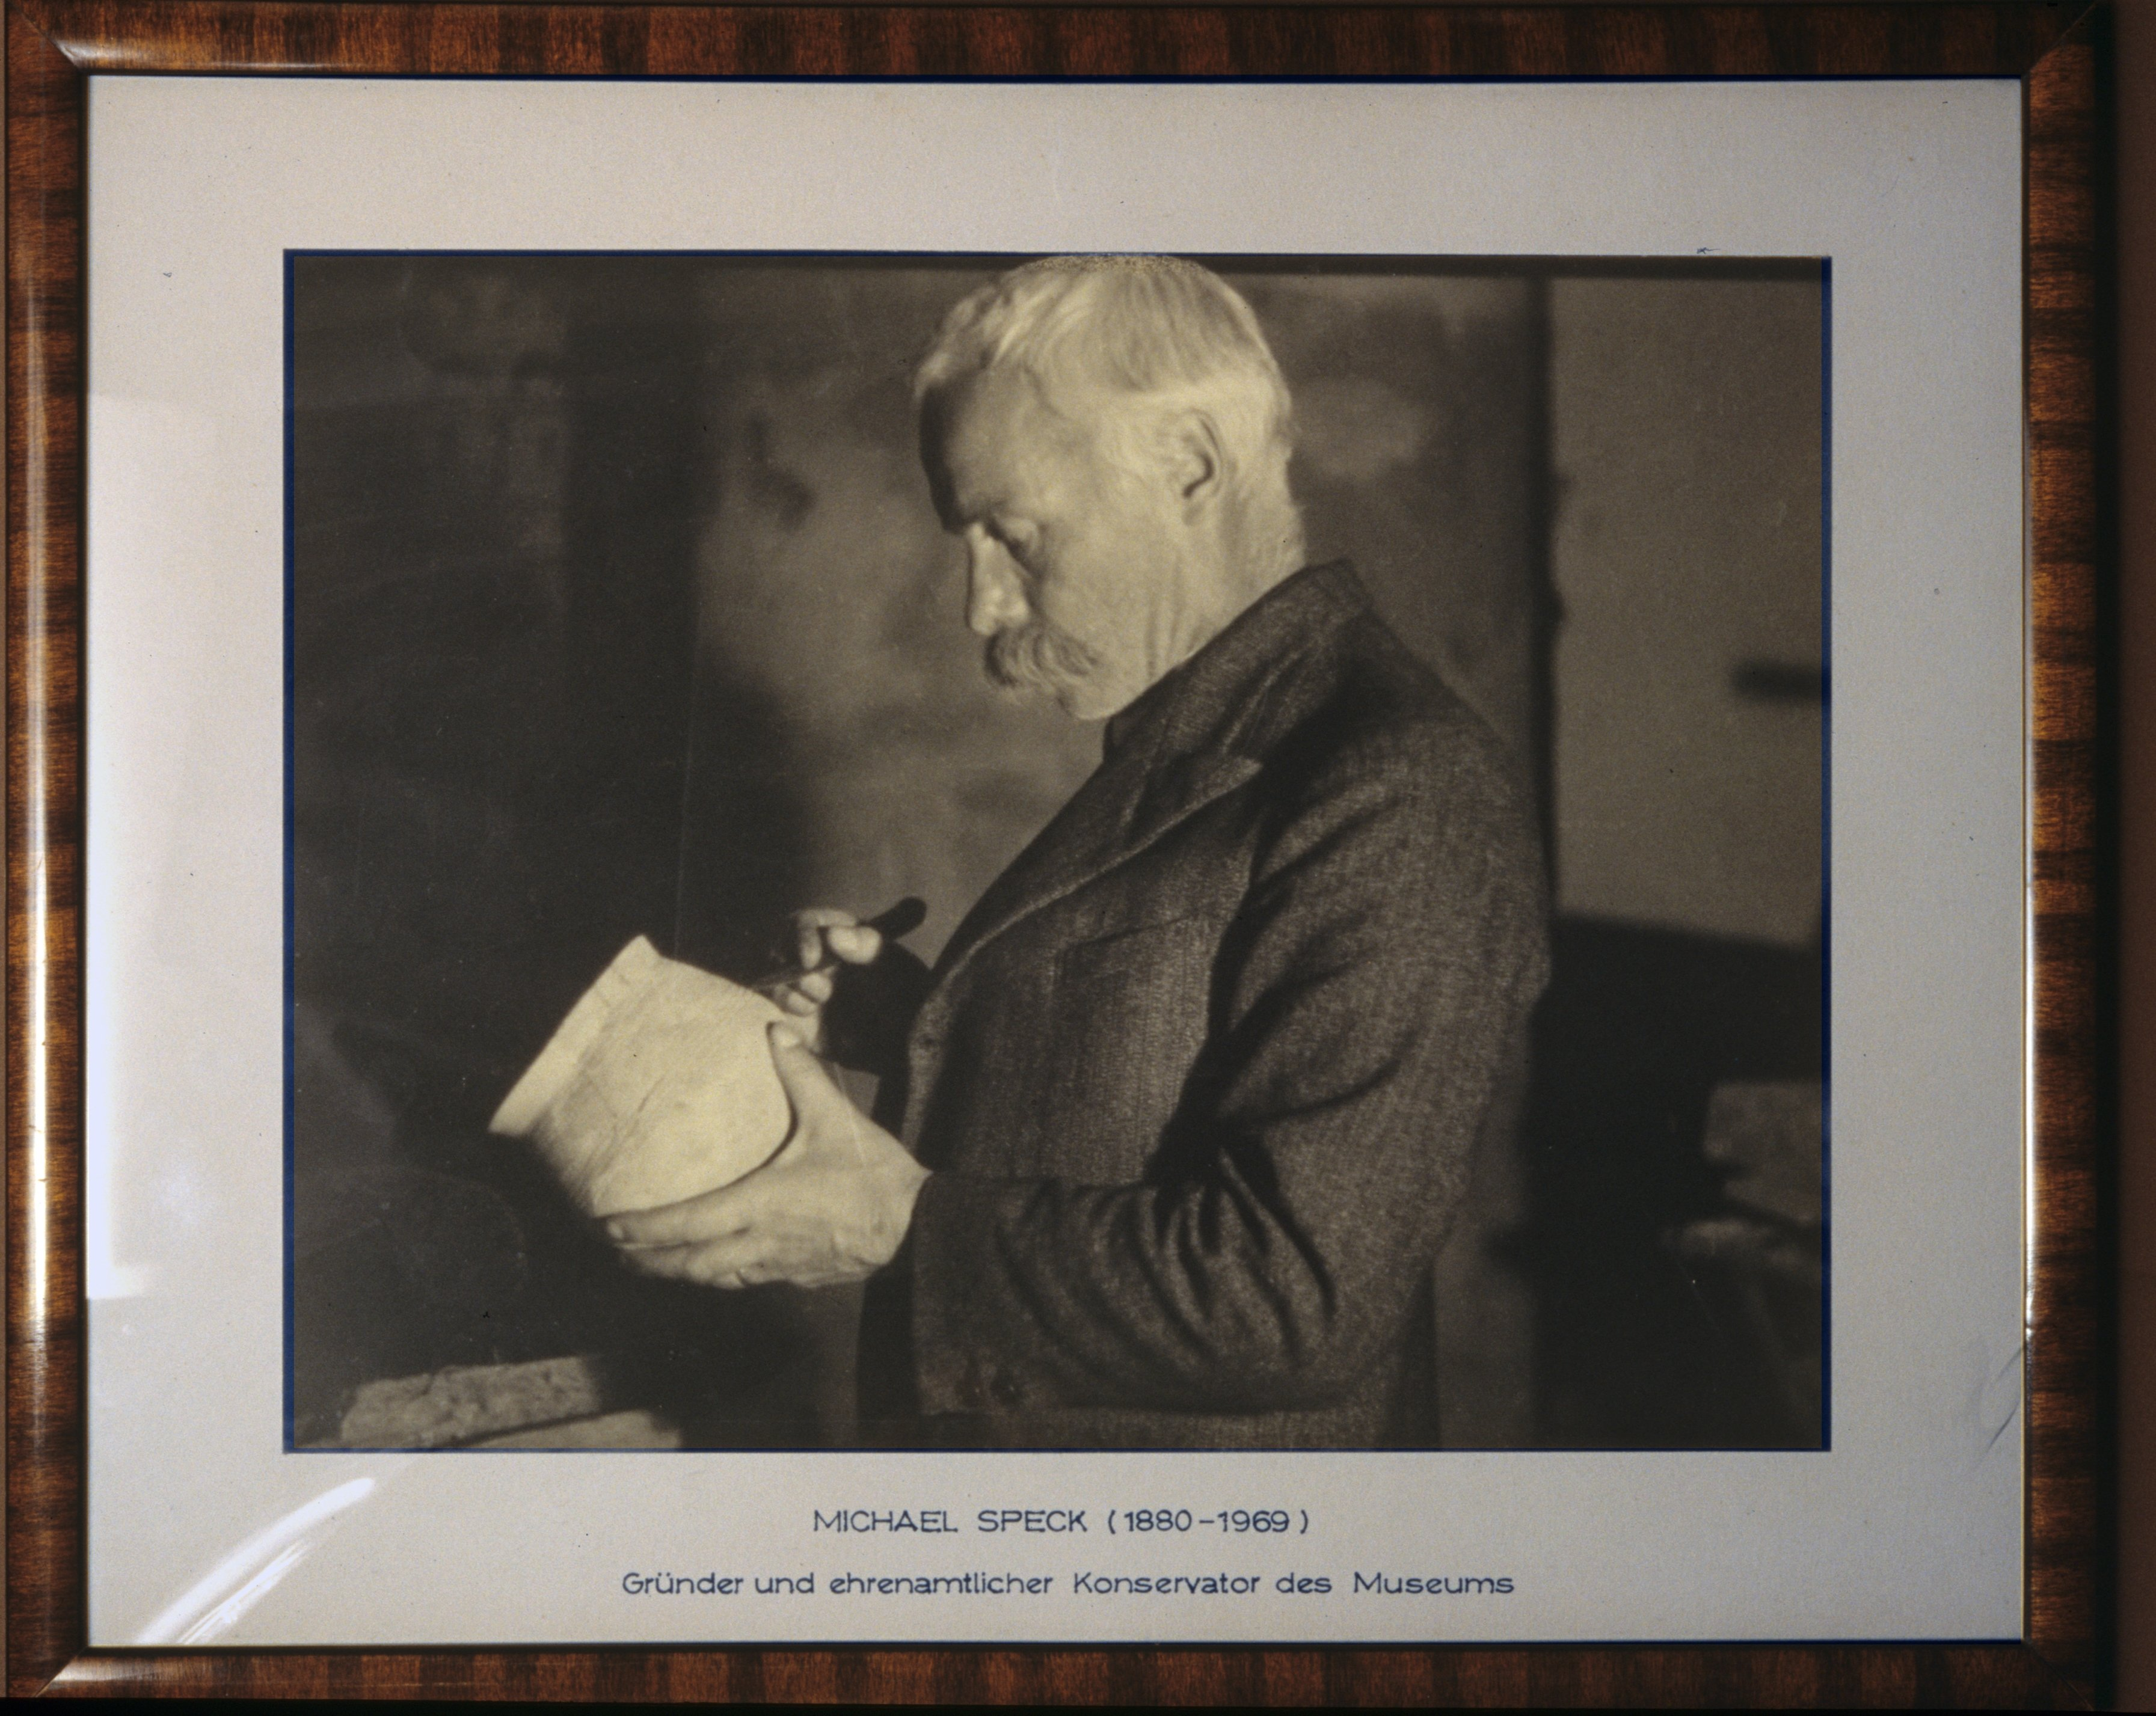 Michael Speck, der Gründer des Zuger Museums für Urgeschichte.